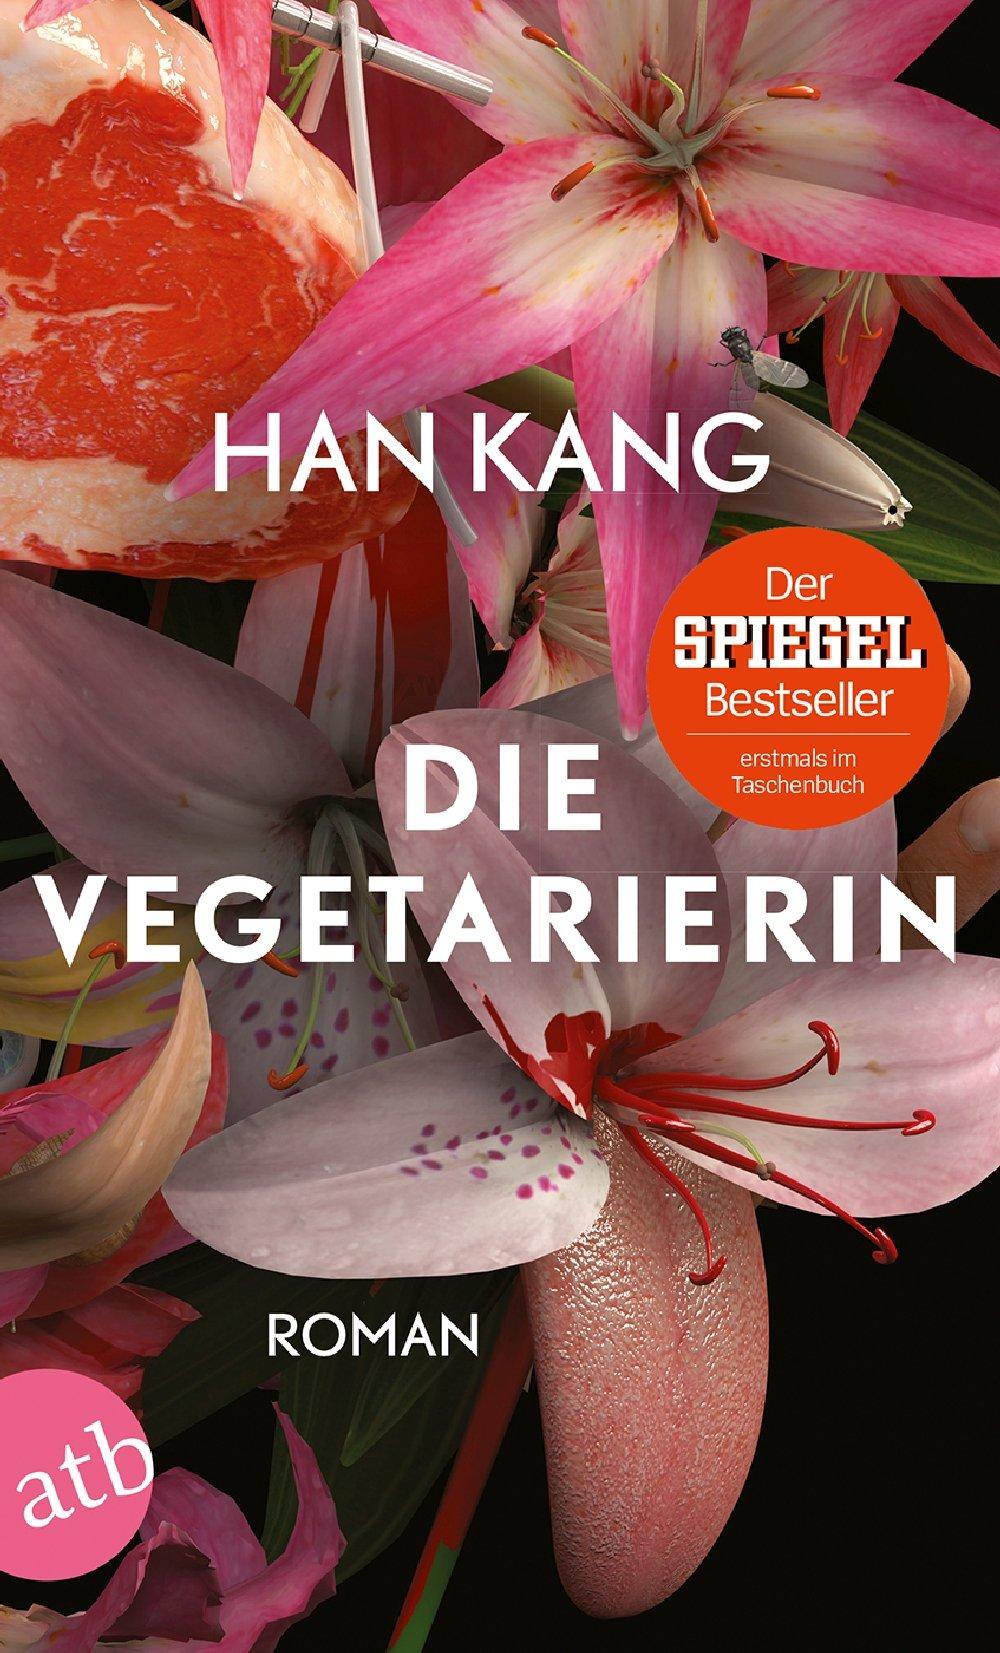 Die Vegetarierin: Roman